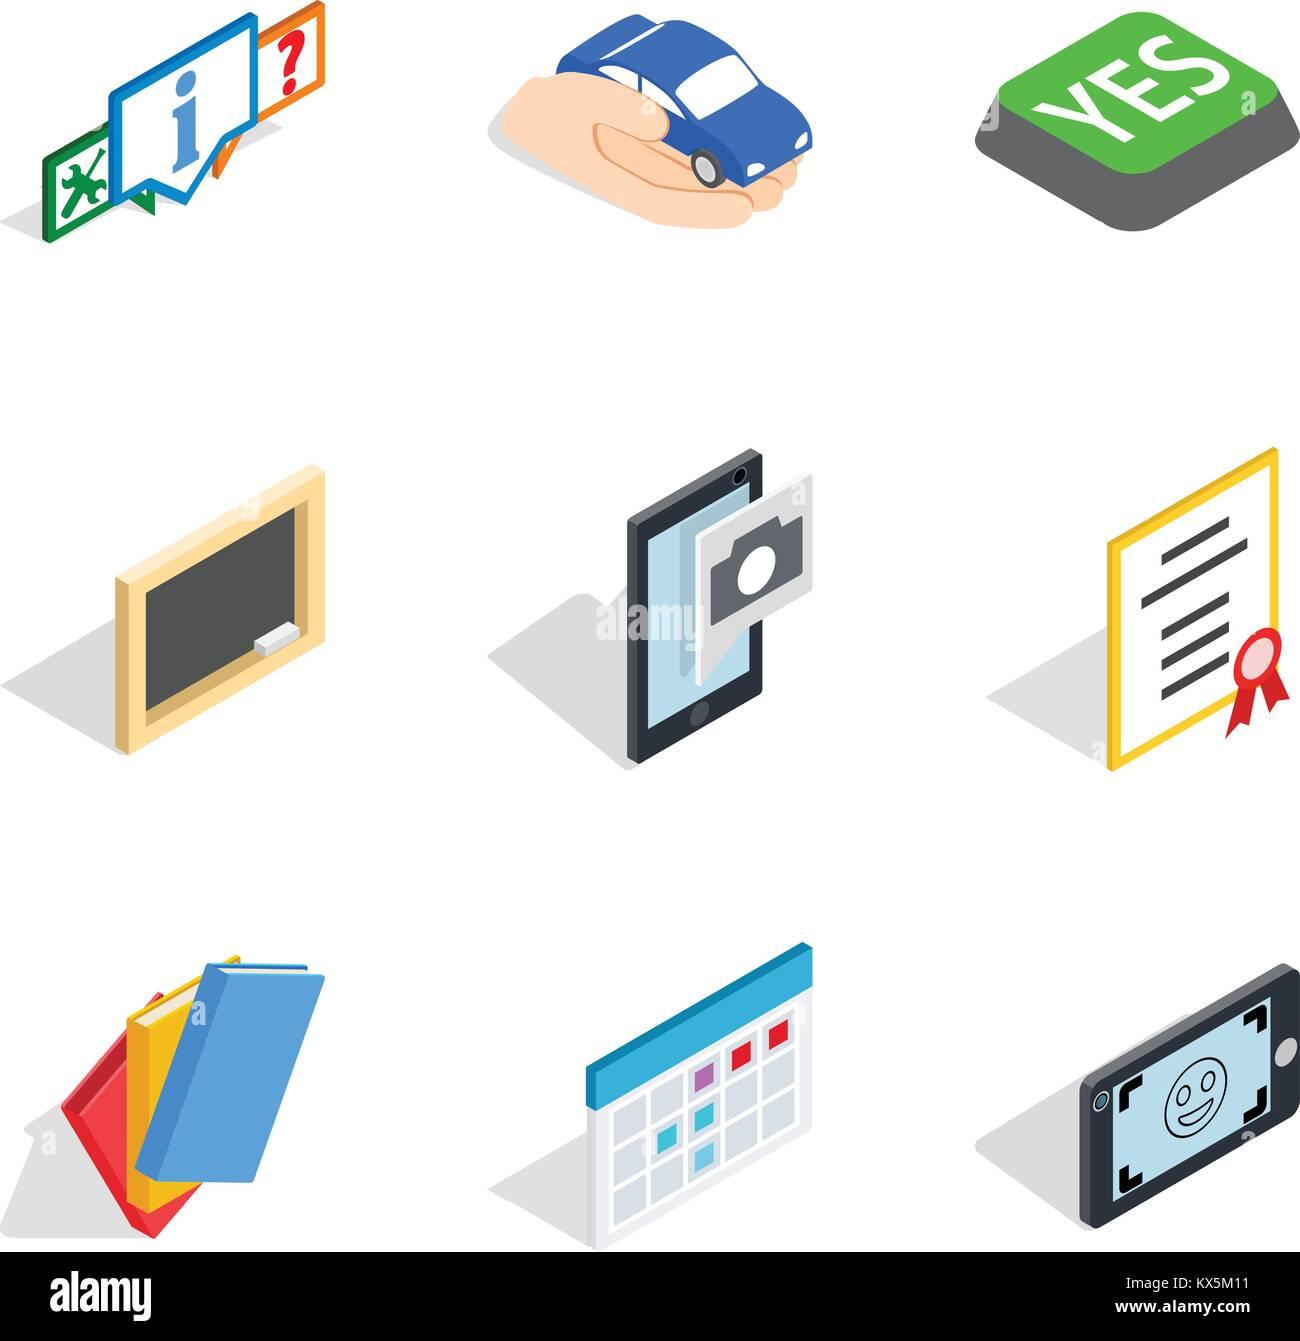 Dangle icons set, isometric style - Stock Image